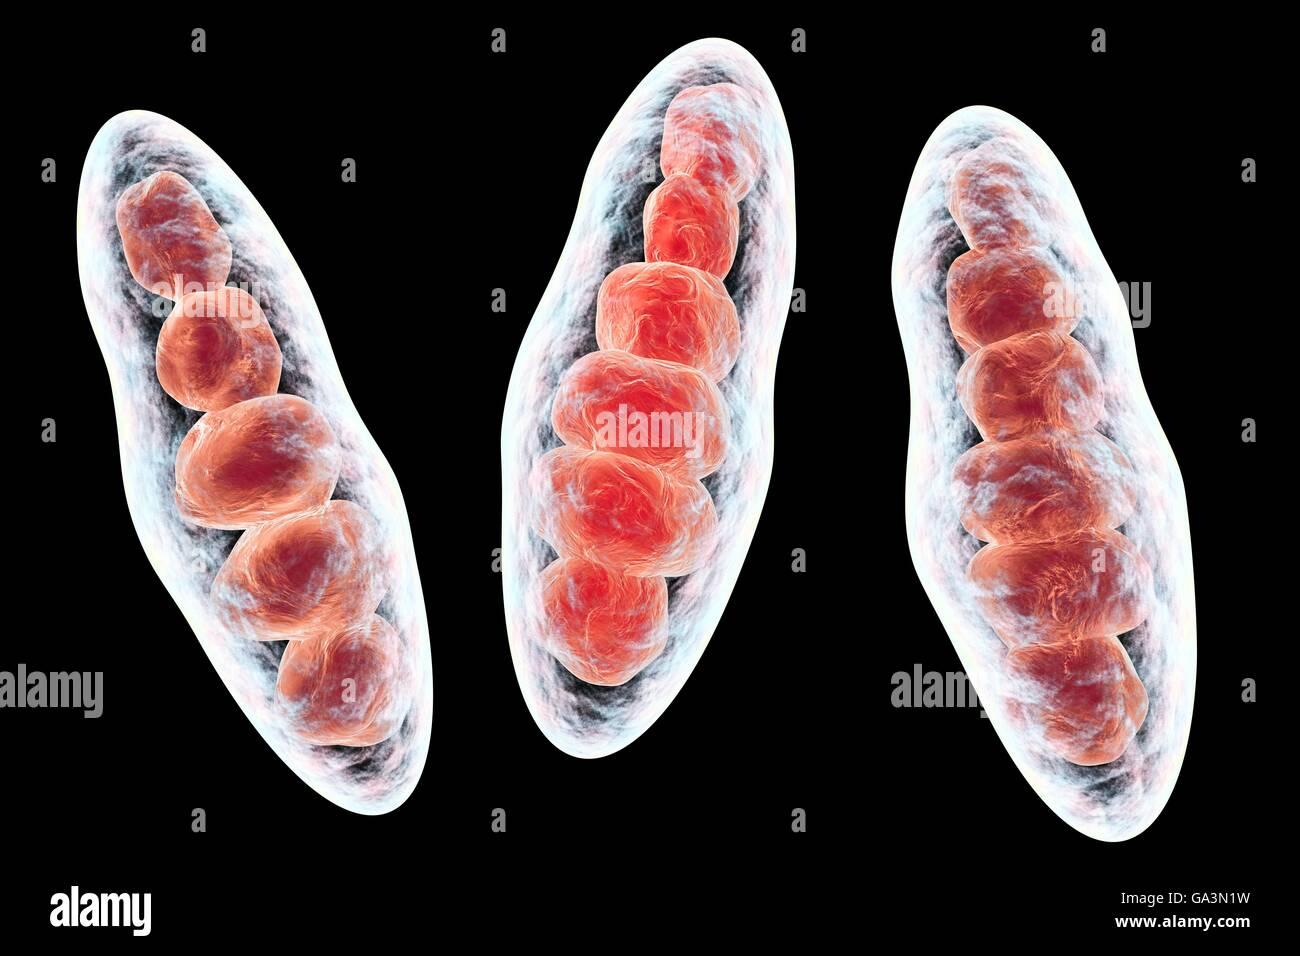 Equipo ilustración de Trichophyton mentagrophytes, la causa del pie de atleta (tiña pedis), tiña del cuero cabelludo (tiña capitus). Ambas de estas infecciones de la piel contagiosa se propaga por esporas del hongo (rojo). T. mentagrophytes es una de las muchas especies de hongos que pueden crecer en la piel humana, causando inflamación y picazón. El pie de atleta y dermatofitosis son tratados con fármacos antimicóticos. Aquí se ven macroconidia (multi-cuerpos celulares que contiene esporas). Foto de stock